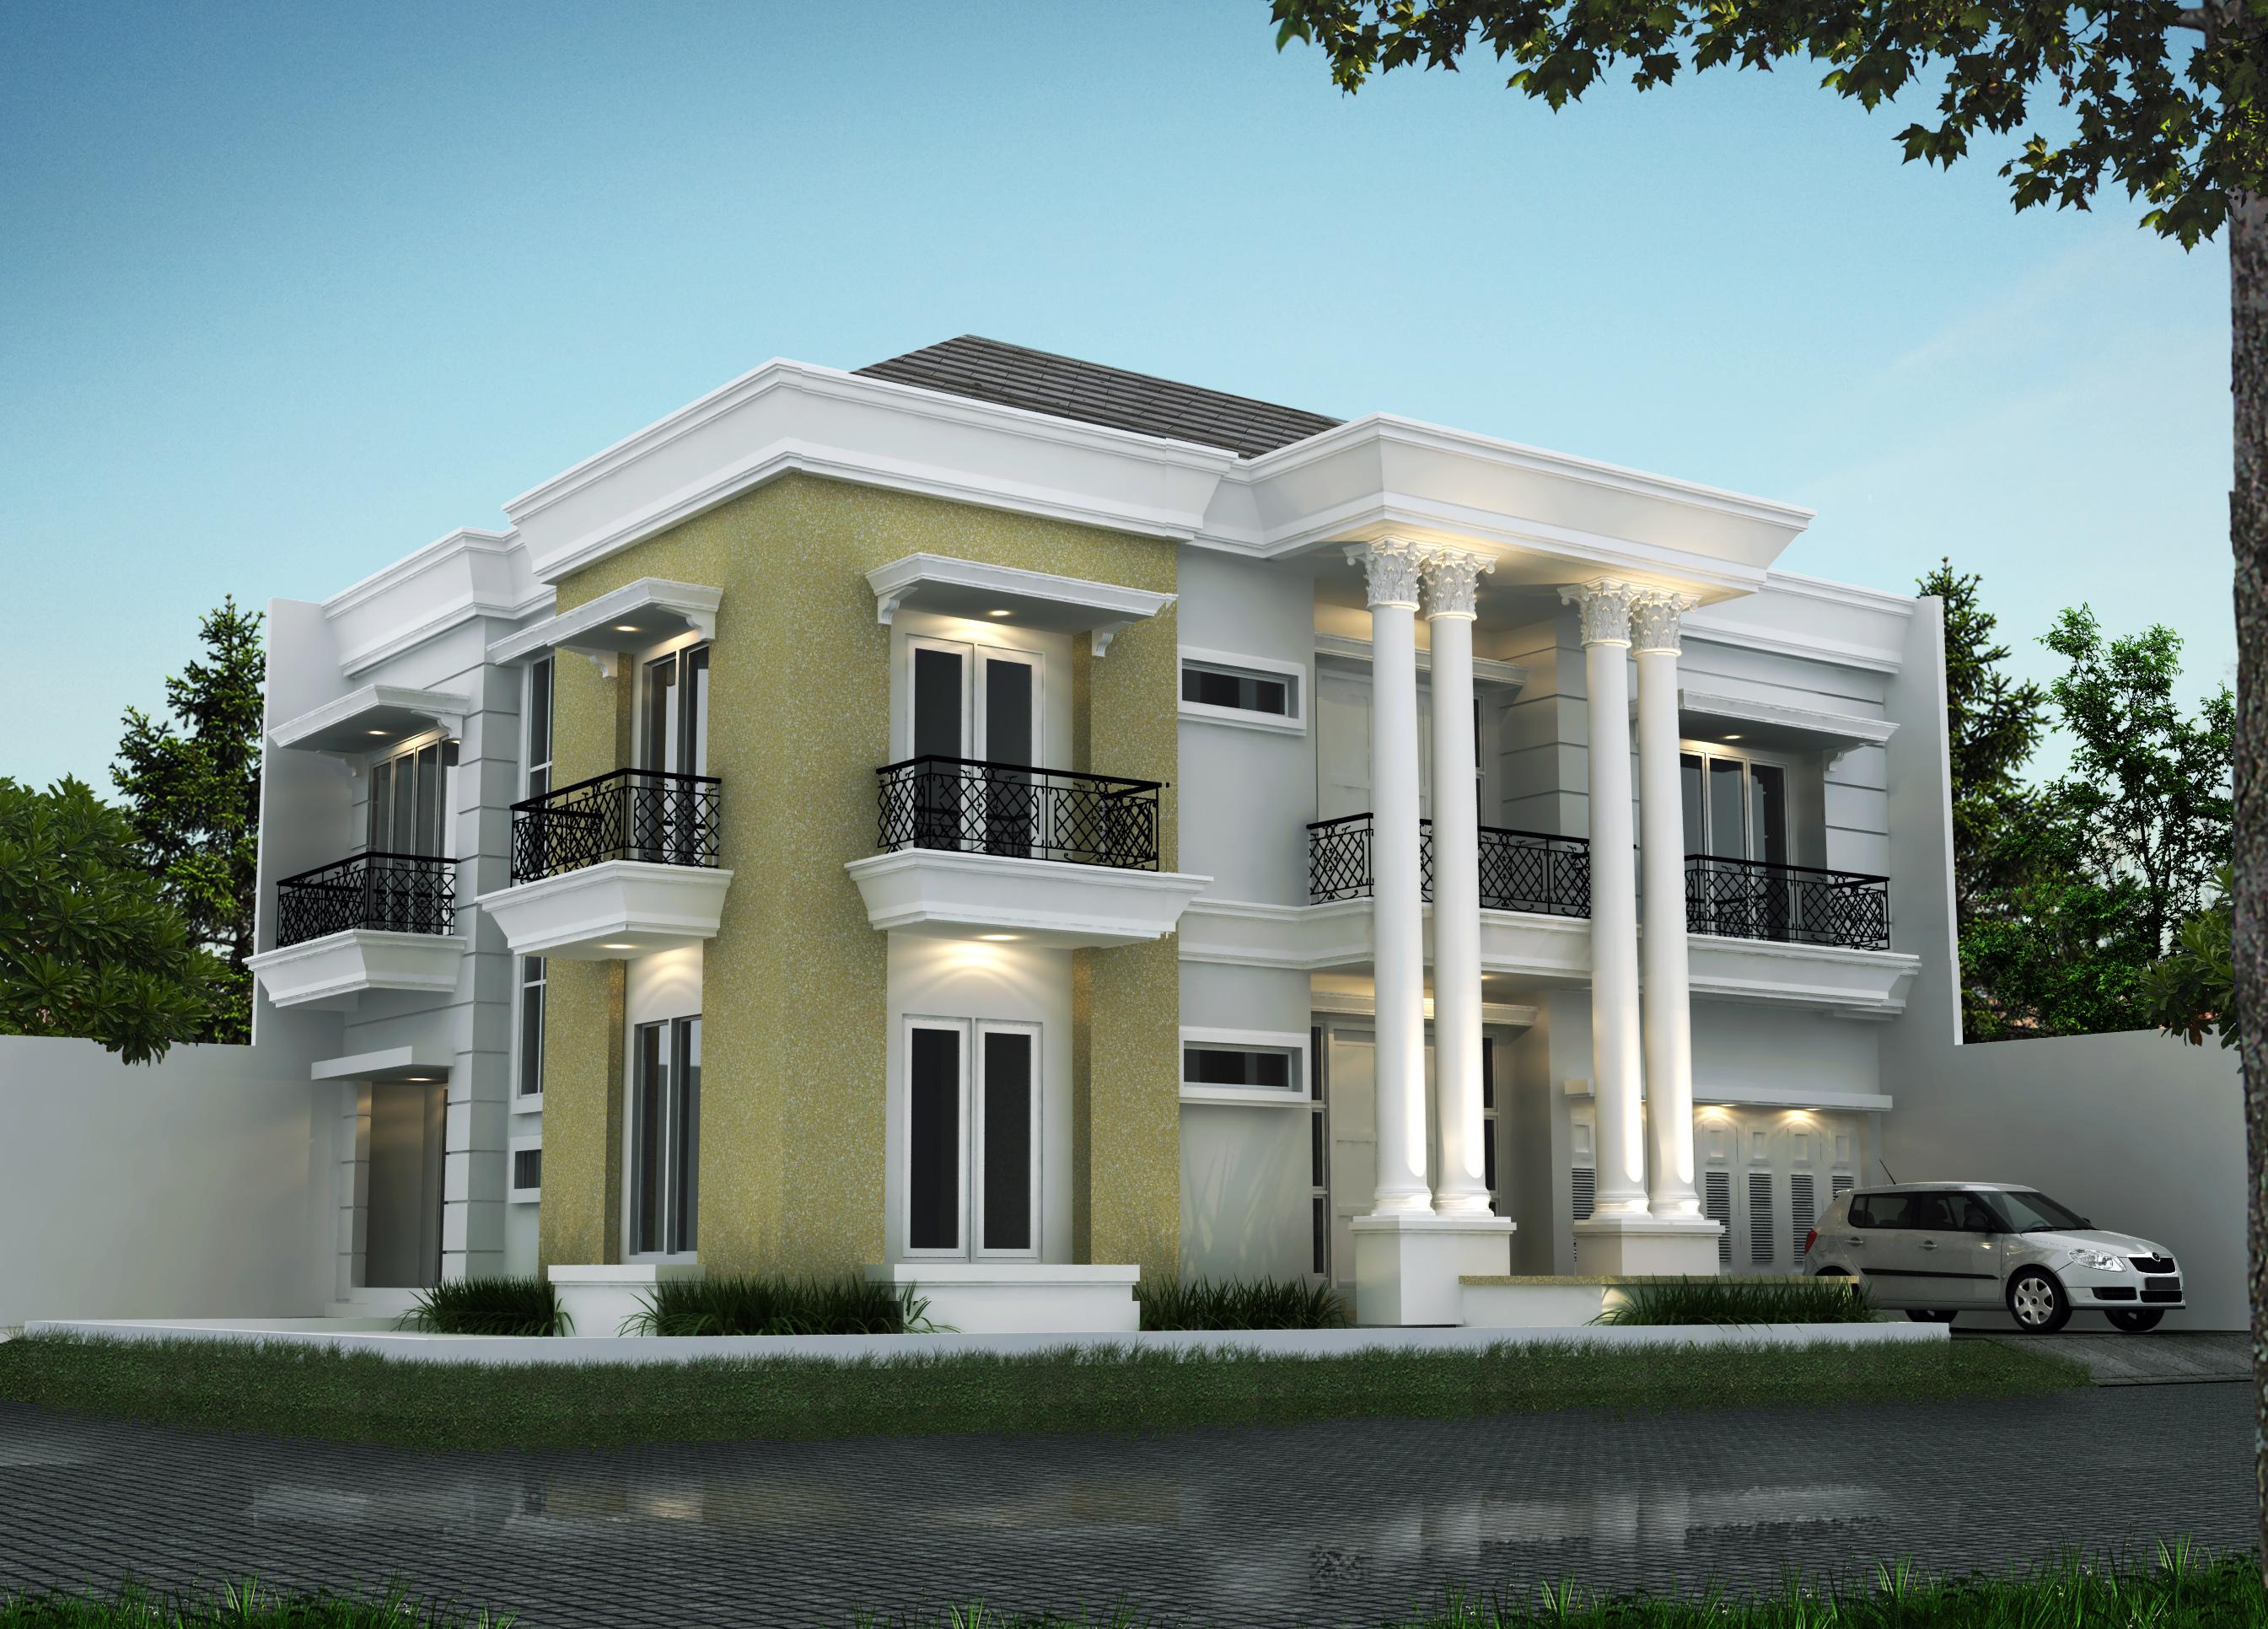 'Pembuatan Desain Rumah Berkualitas Bogor'